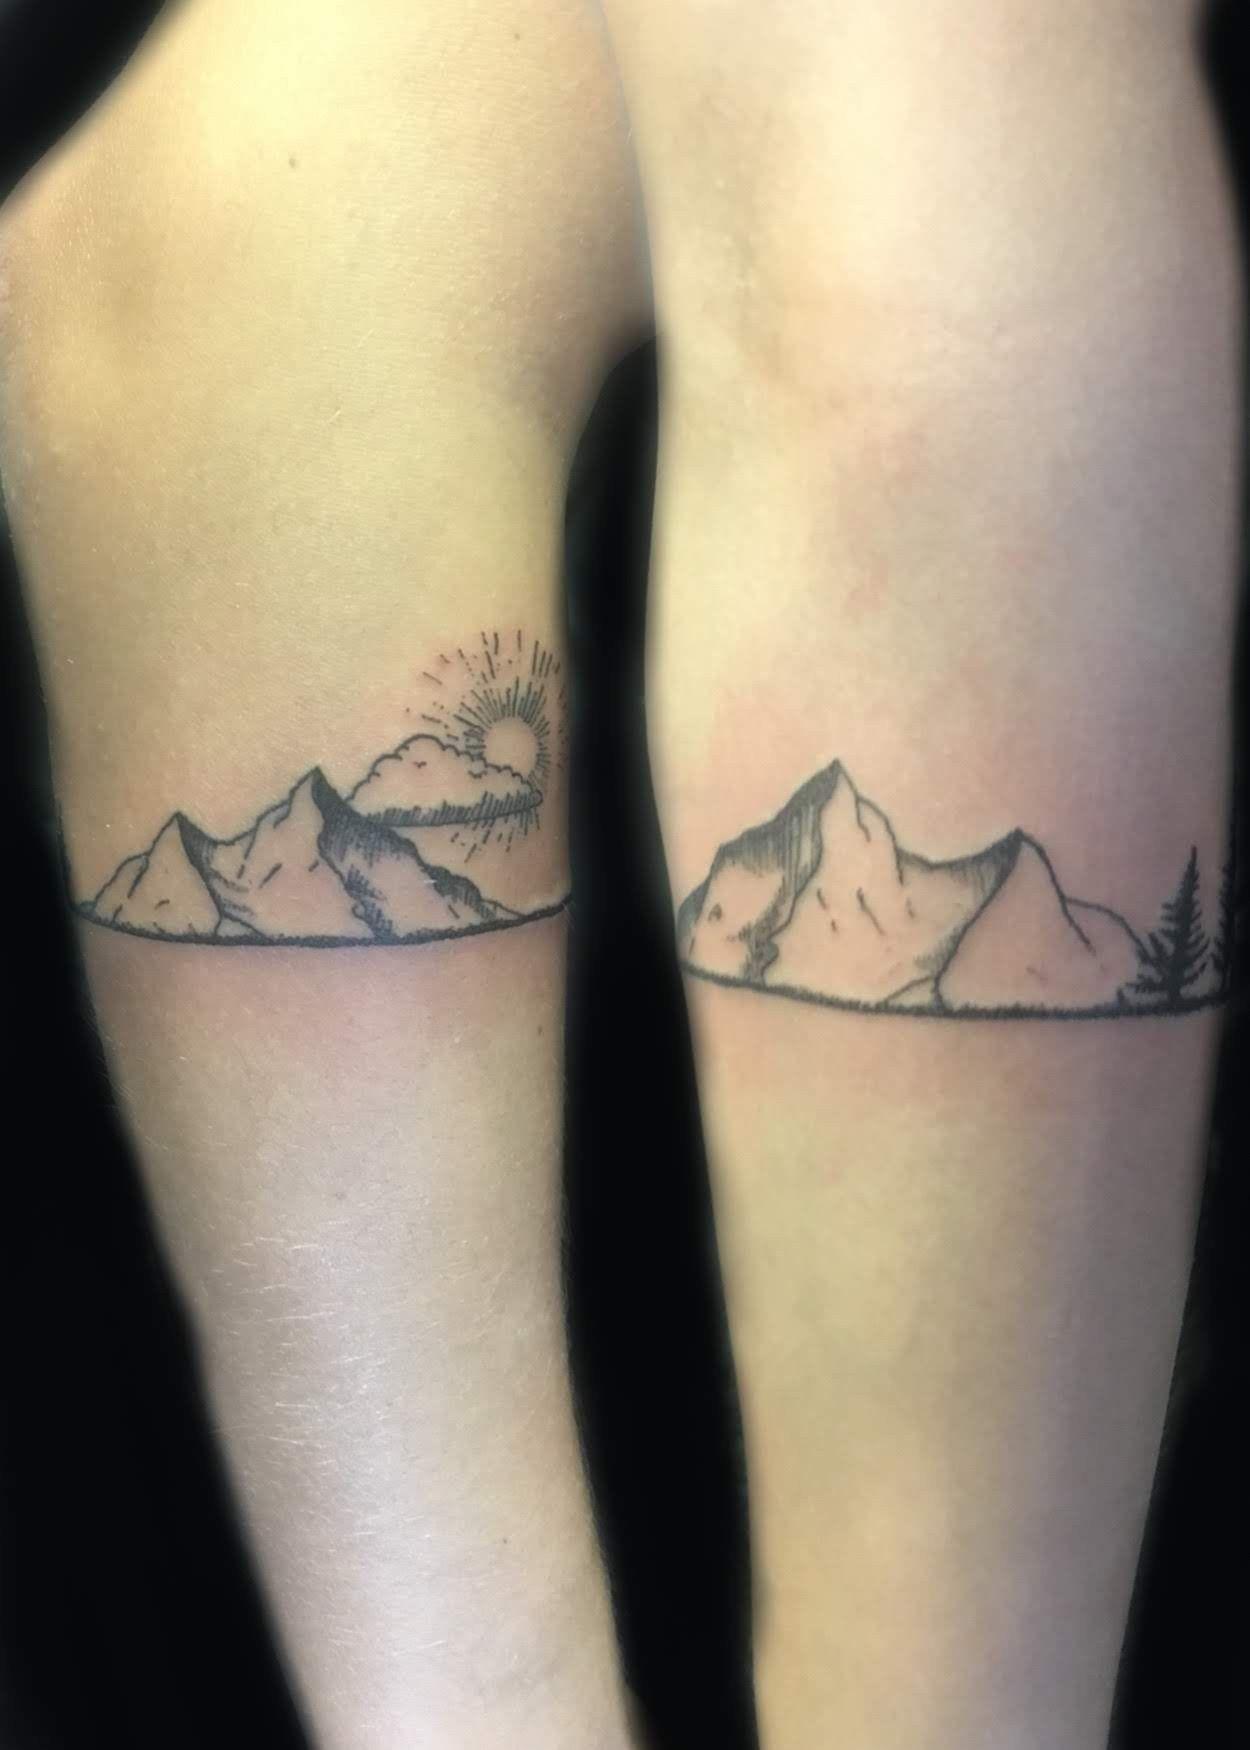 Mountain Armband Tattoo : mountain, armband, tattoo, Dotwork, Armband, Tattoo, Mountains, Trees, Simple, Tattoo,, Tattoos,, Geometric